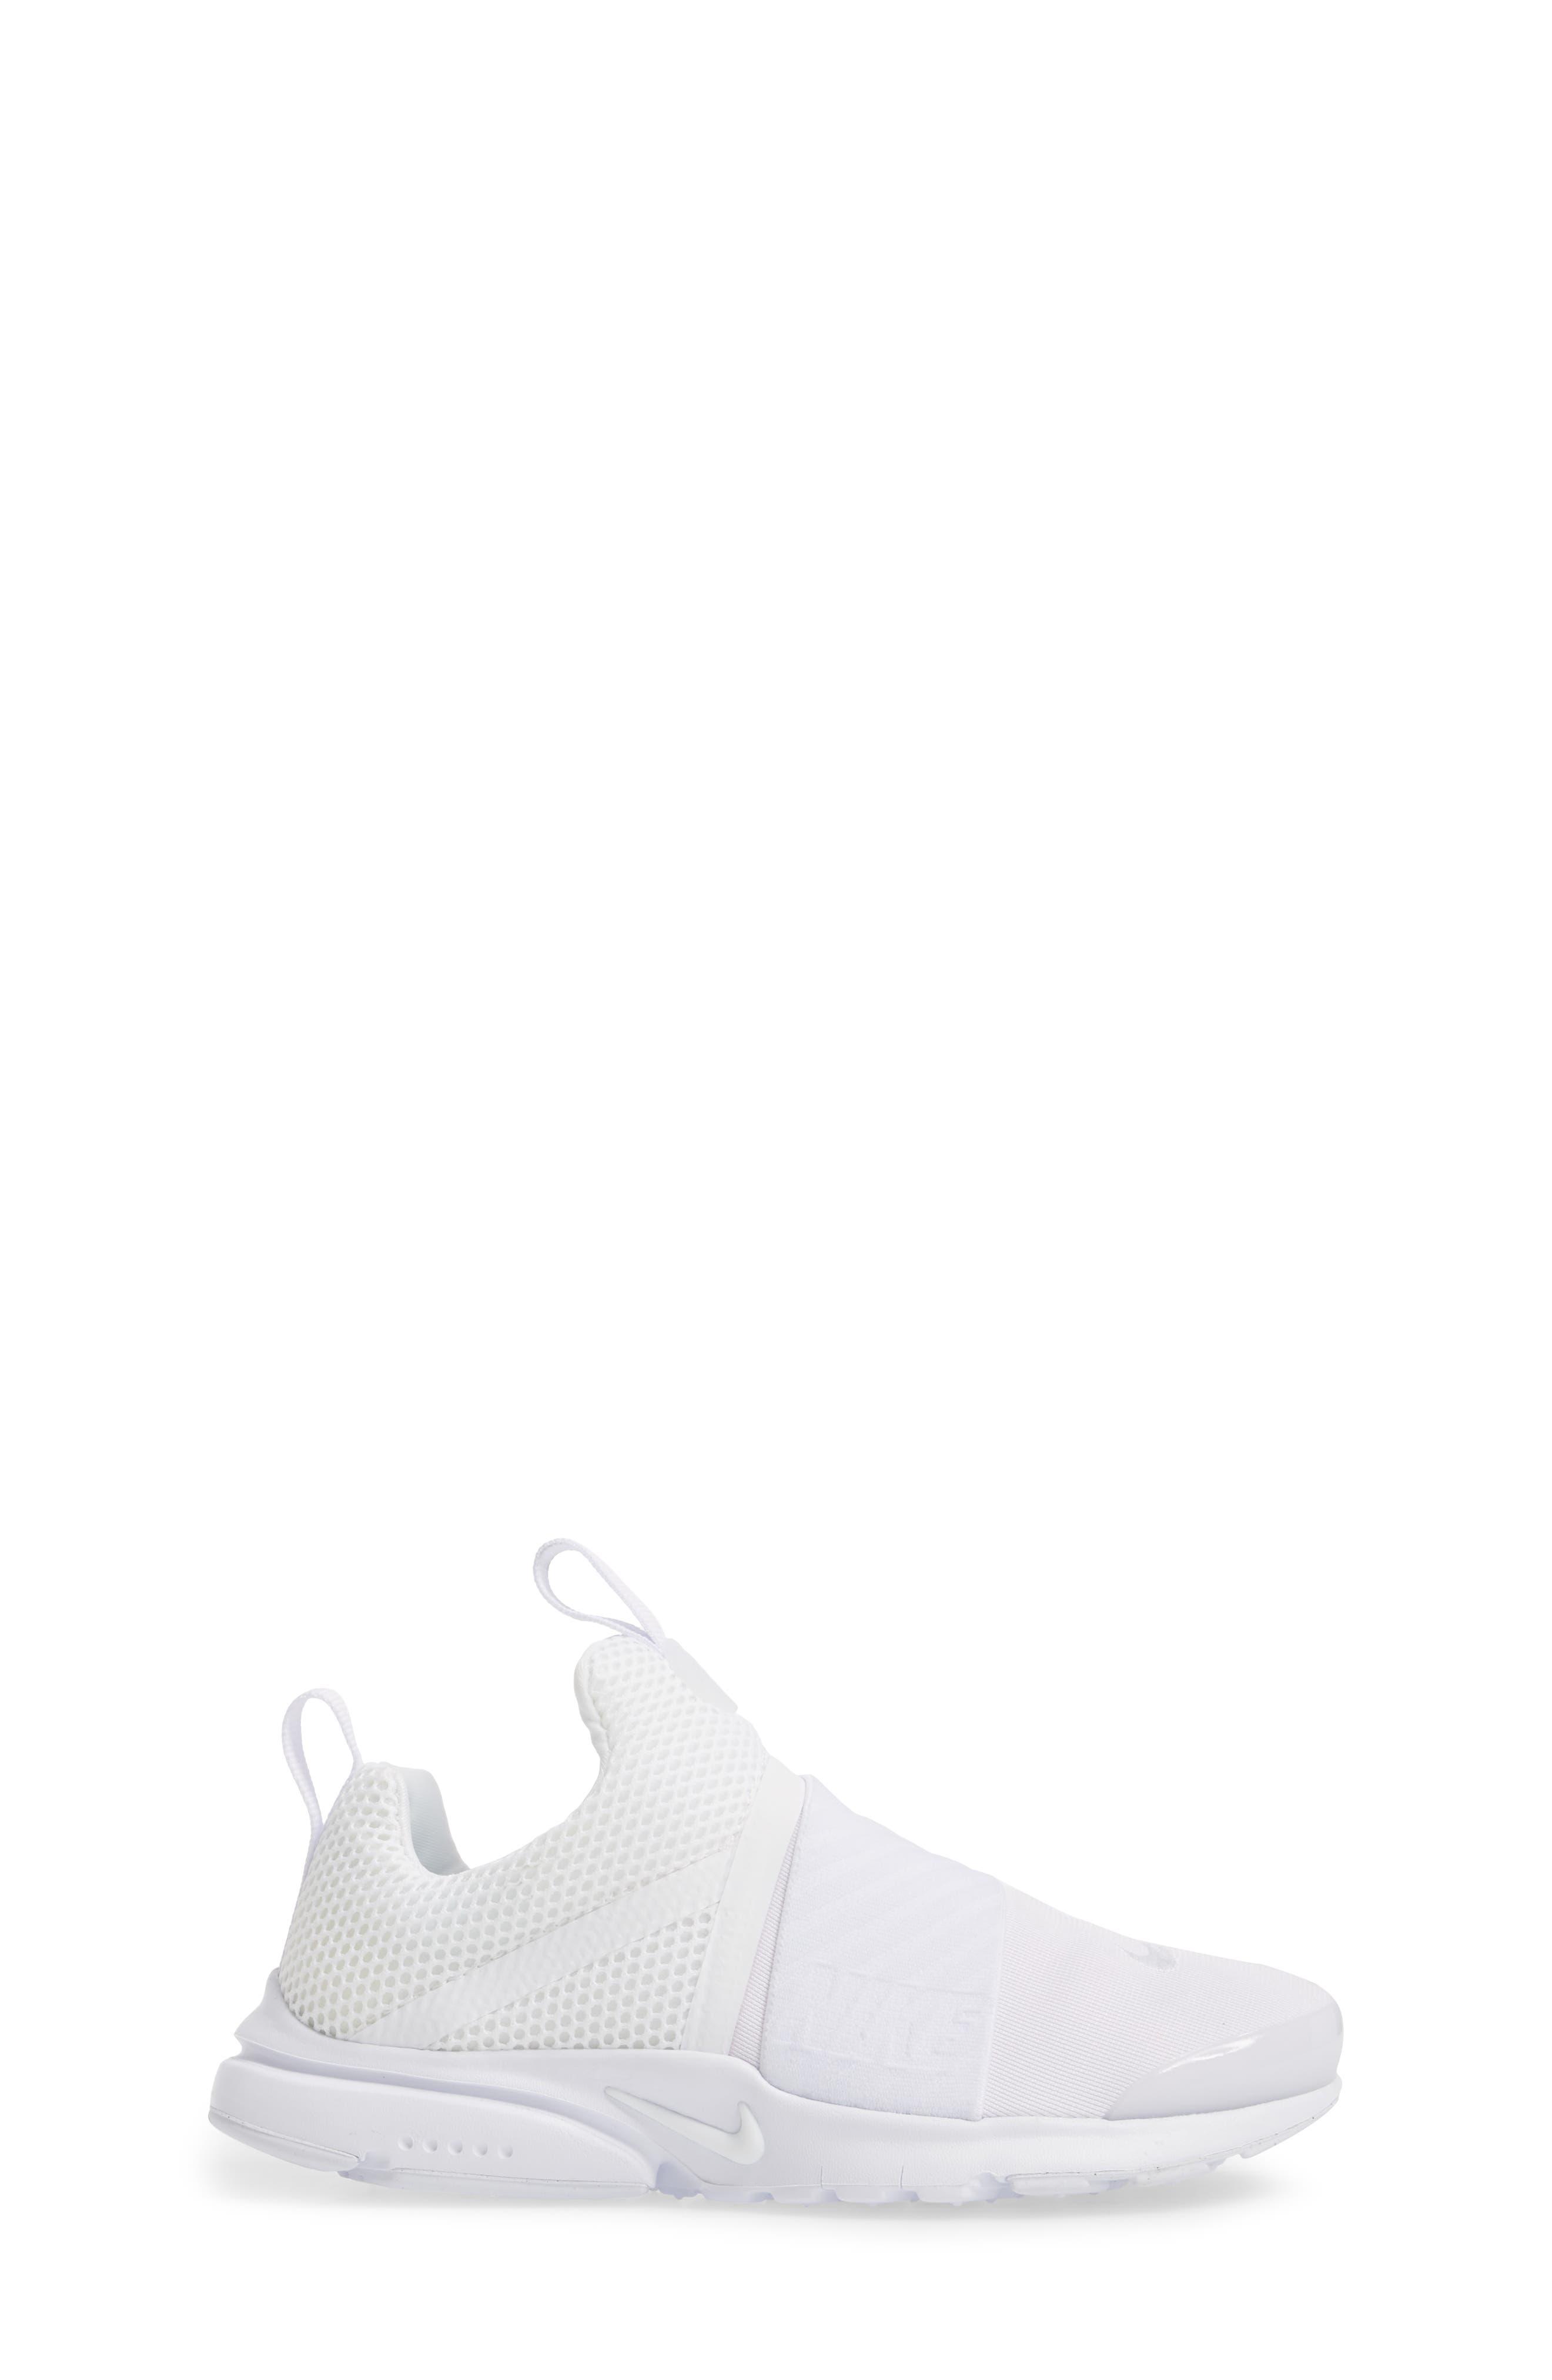 Presto Extreme Sneaker,                             Alternate thumbnail 3, color,                             White/ White/ White